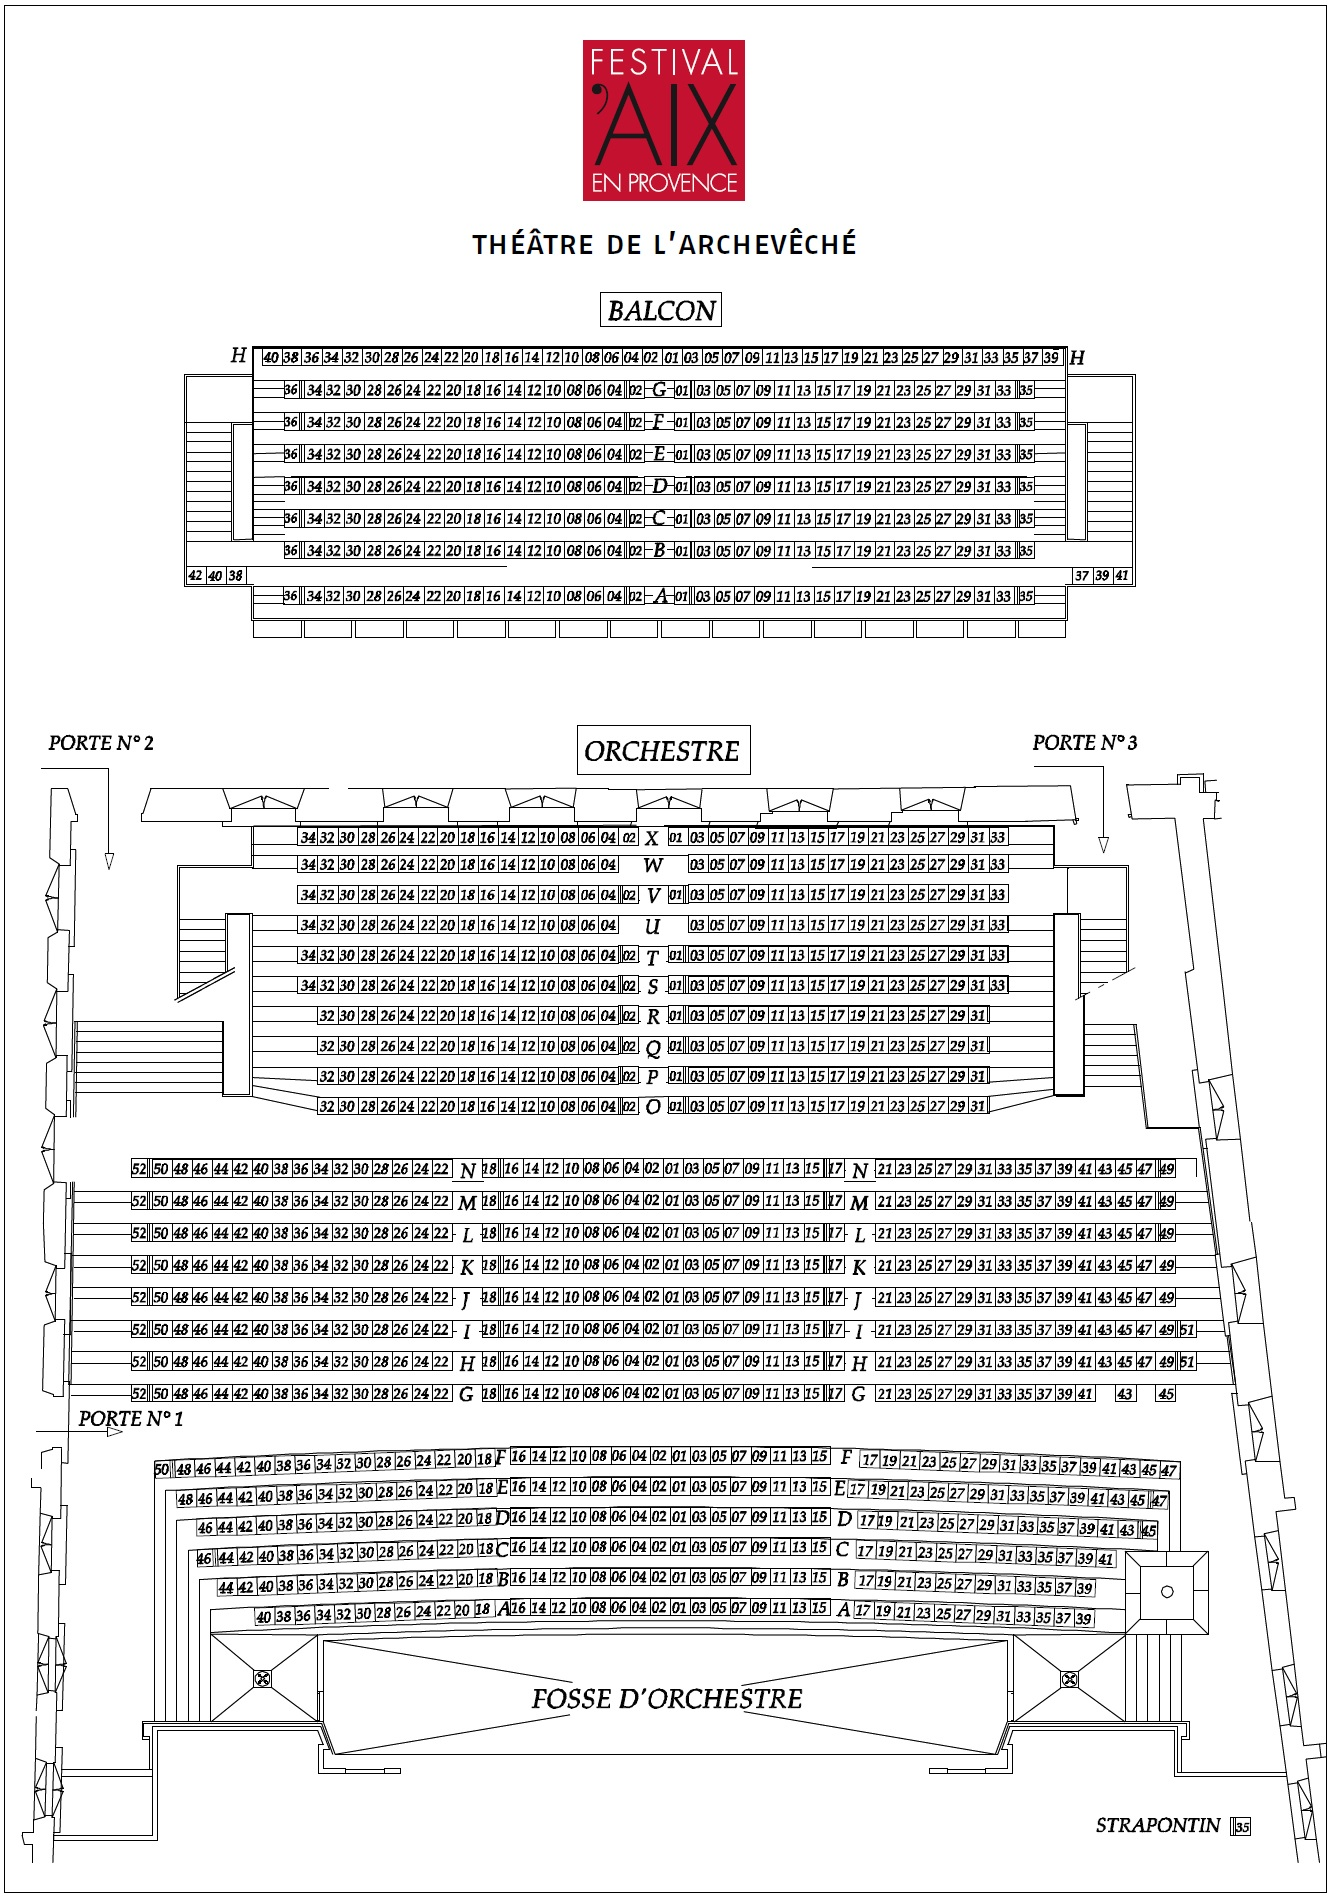 Экс-ан-Прованский оперный фестиваль. Схема THÉÂTRE DE L'ARCHEVÊCHÉ